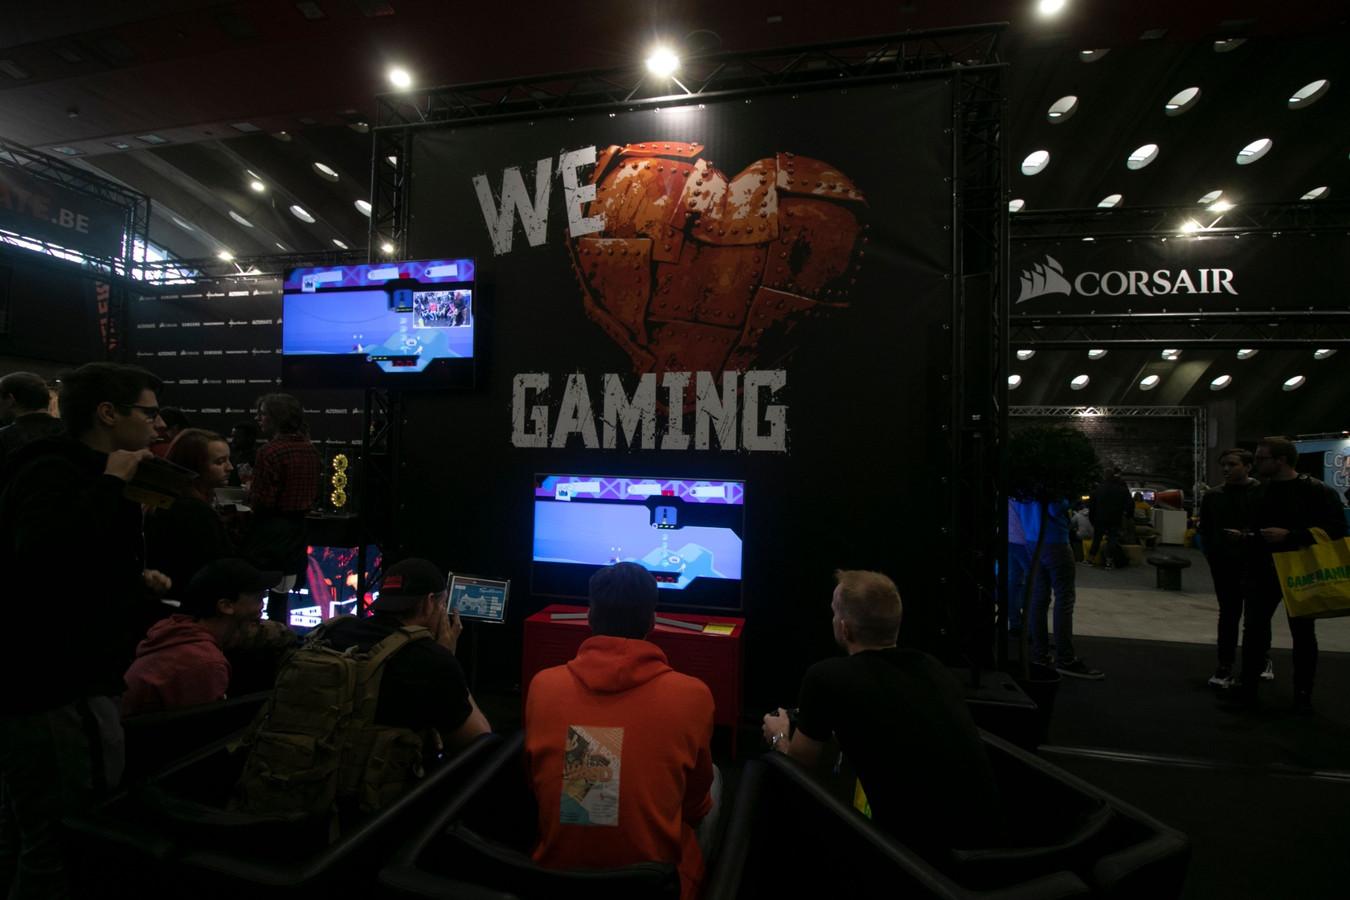 In 2019 trok gamebeurs GameForce nog duizenden gameliefhebbers. In 2020 kan het evenement geen doorgang vinden door het coronavirus.